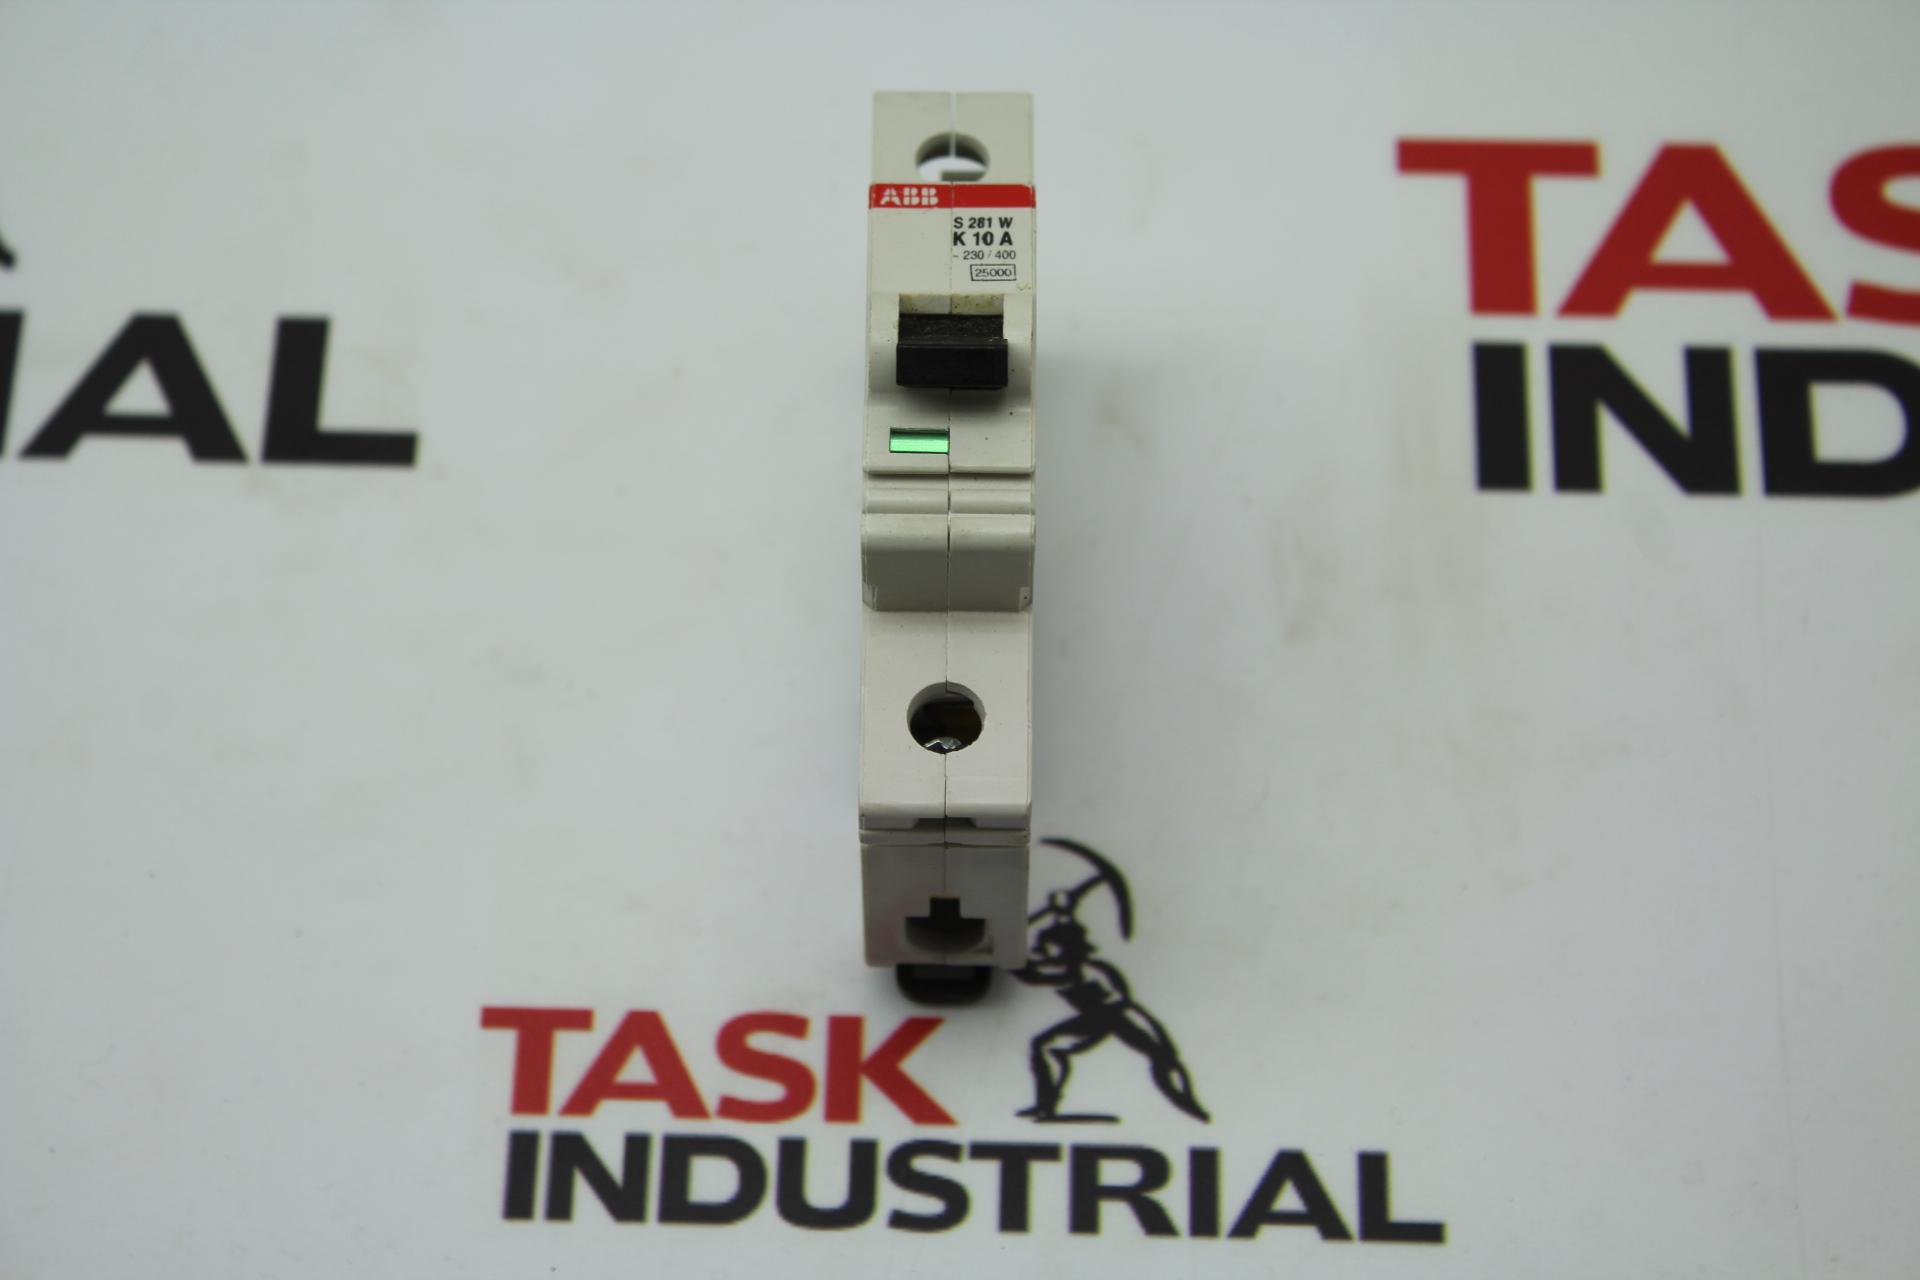 ABB S 281 W K 10 A Circuit Breaker (Lot of 6)